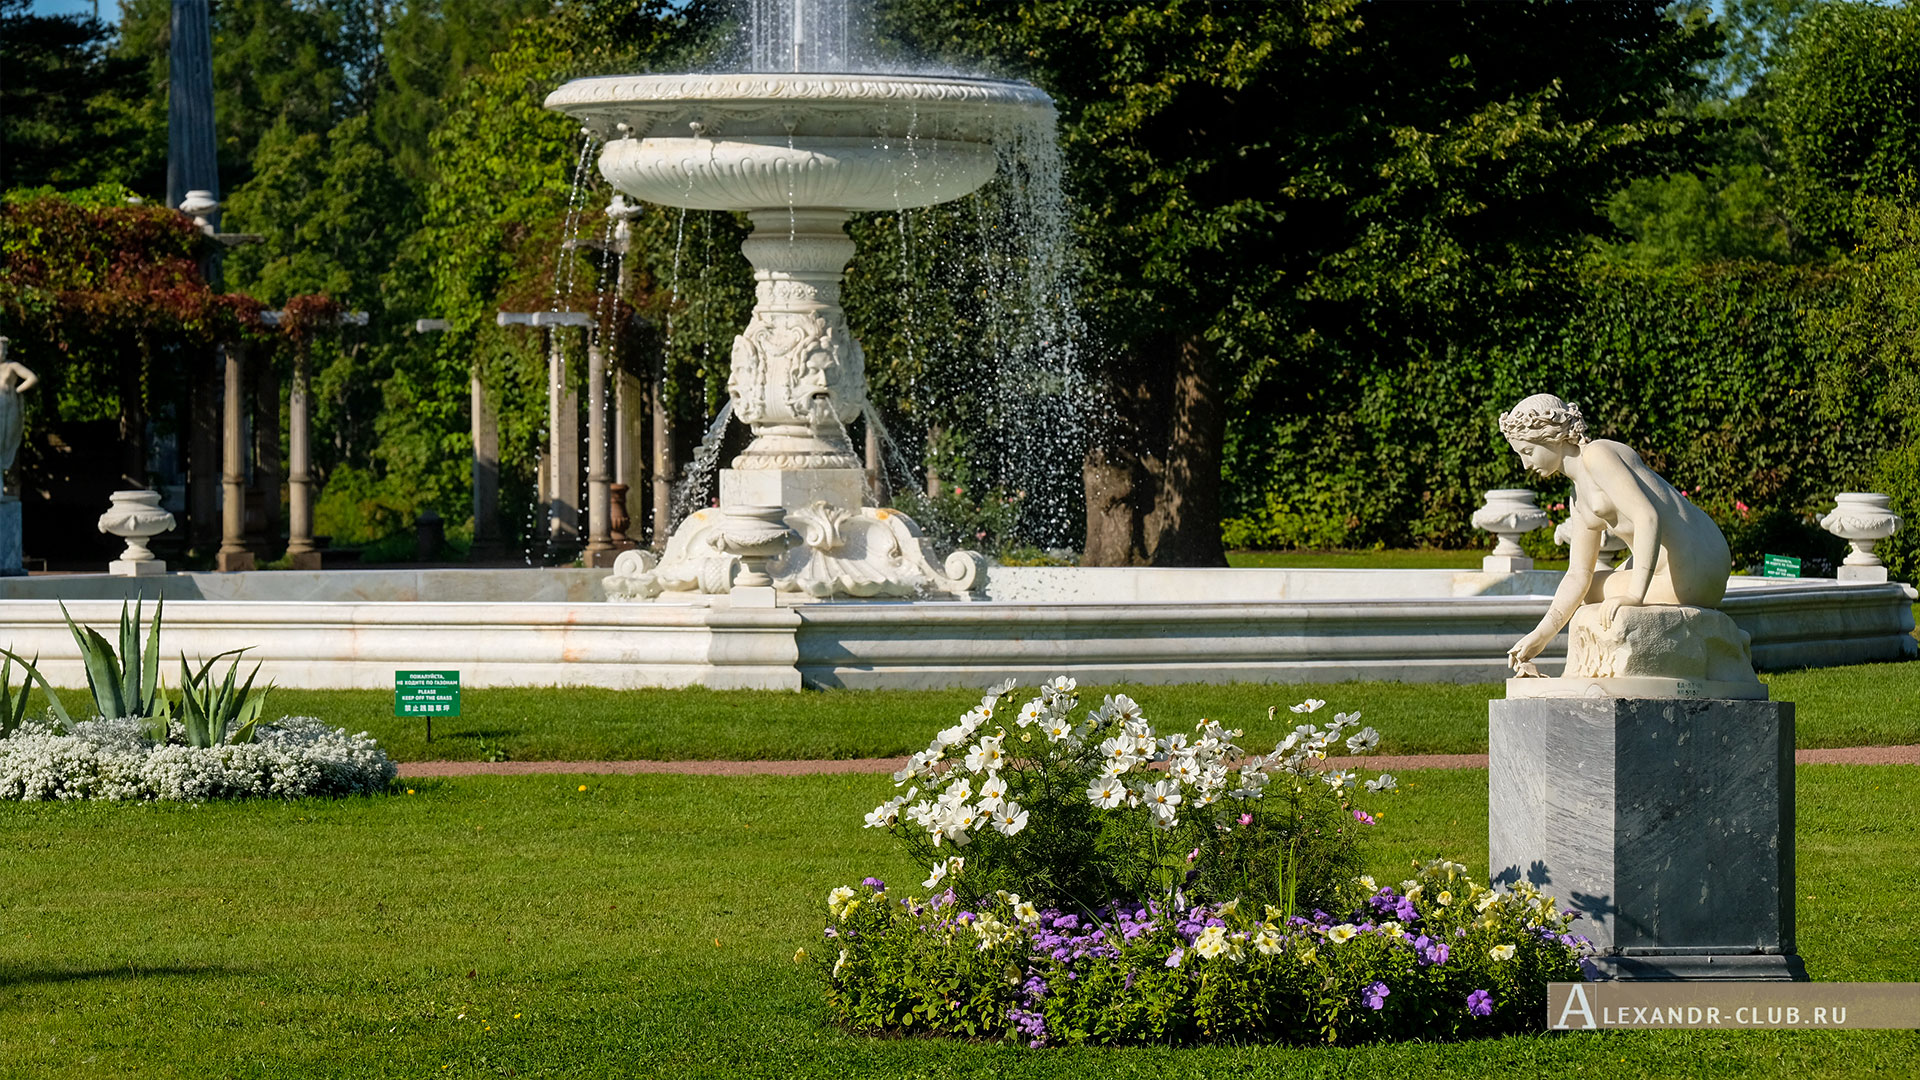 Царское Село, лето, Екатерининский парк, Собственный садик, Фонтан, Нимфа